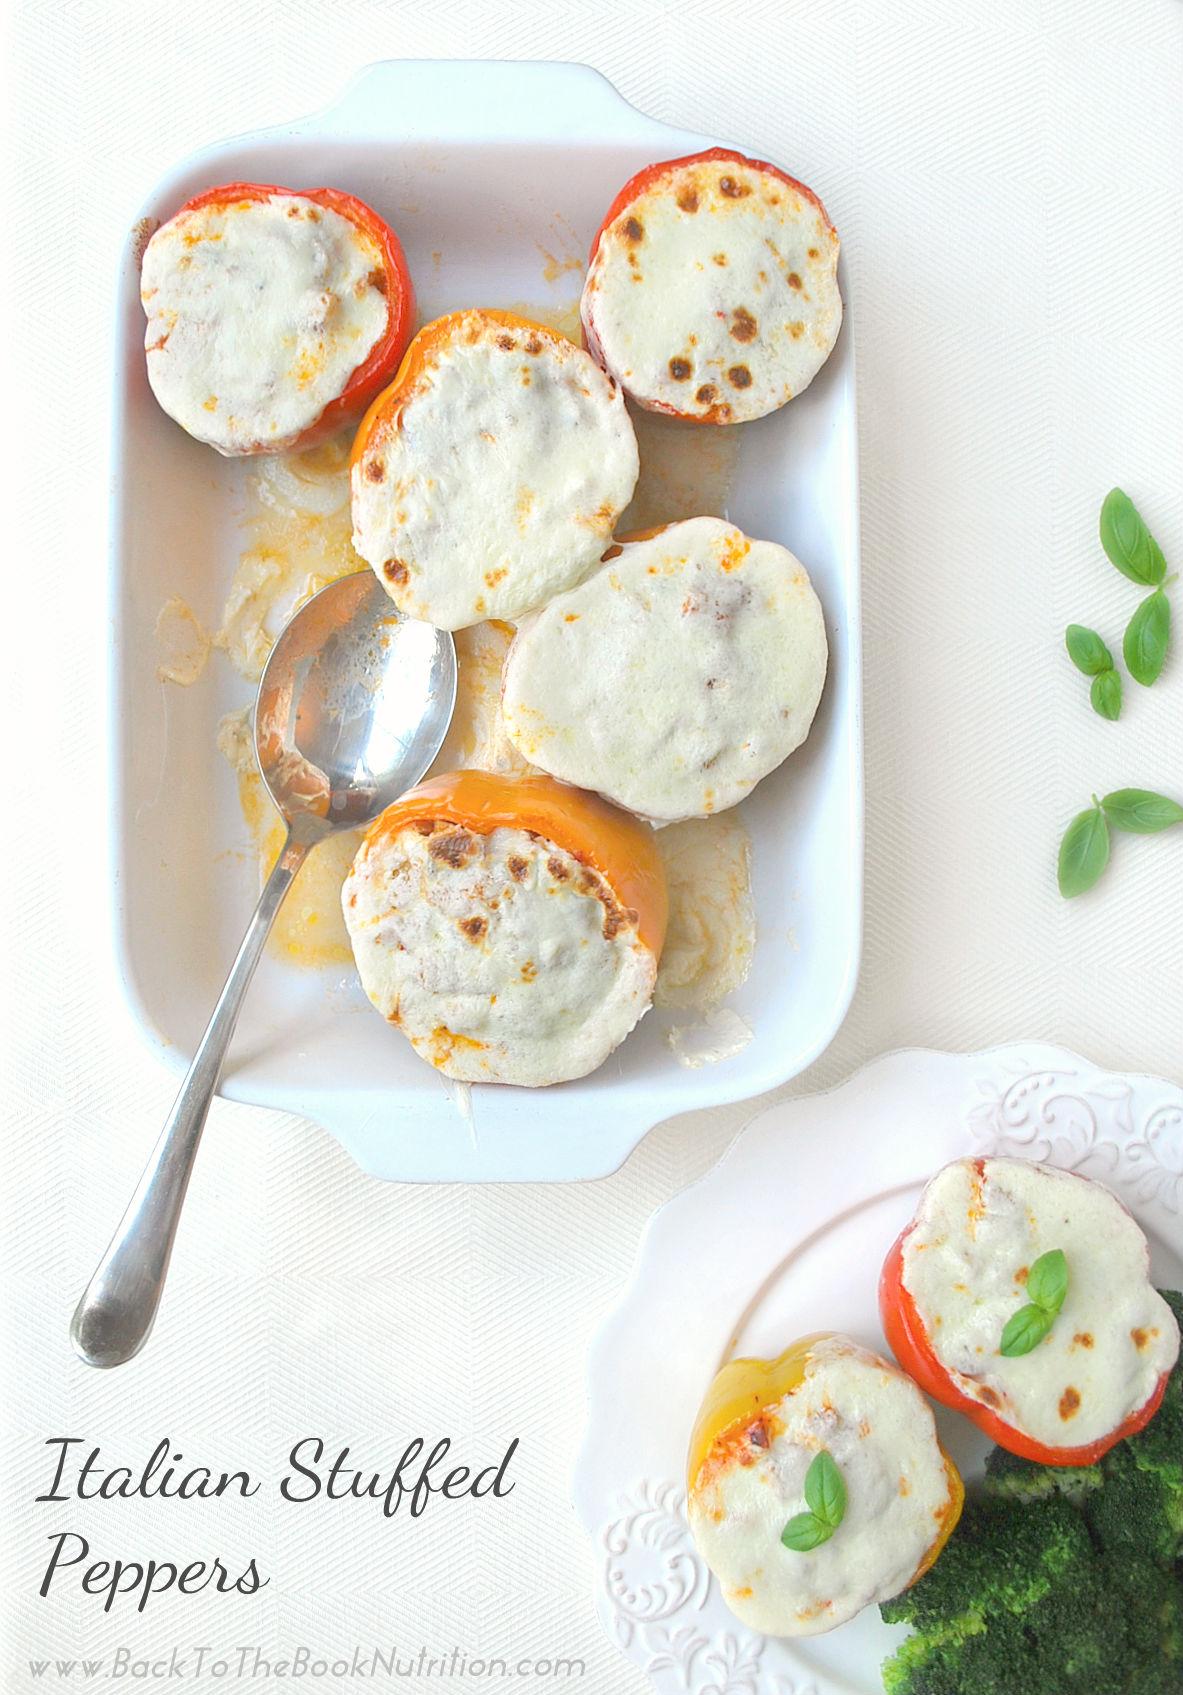 Italian Stuffed Peppers in pan 2